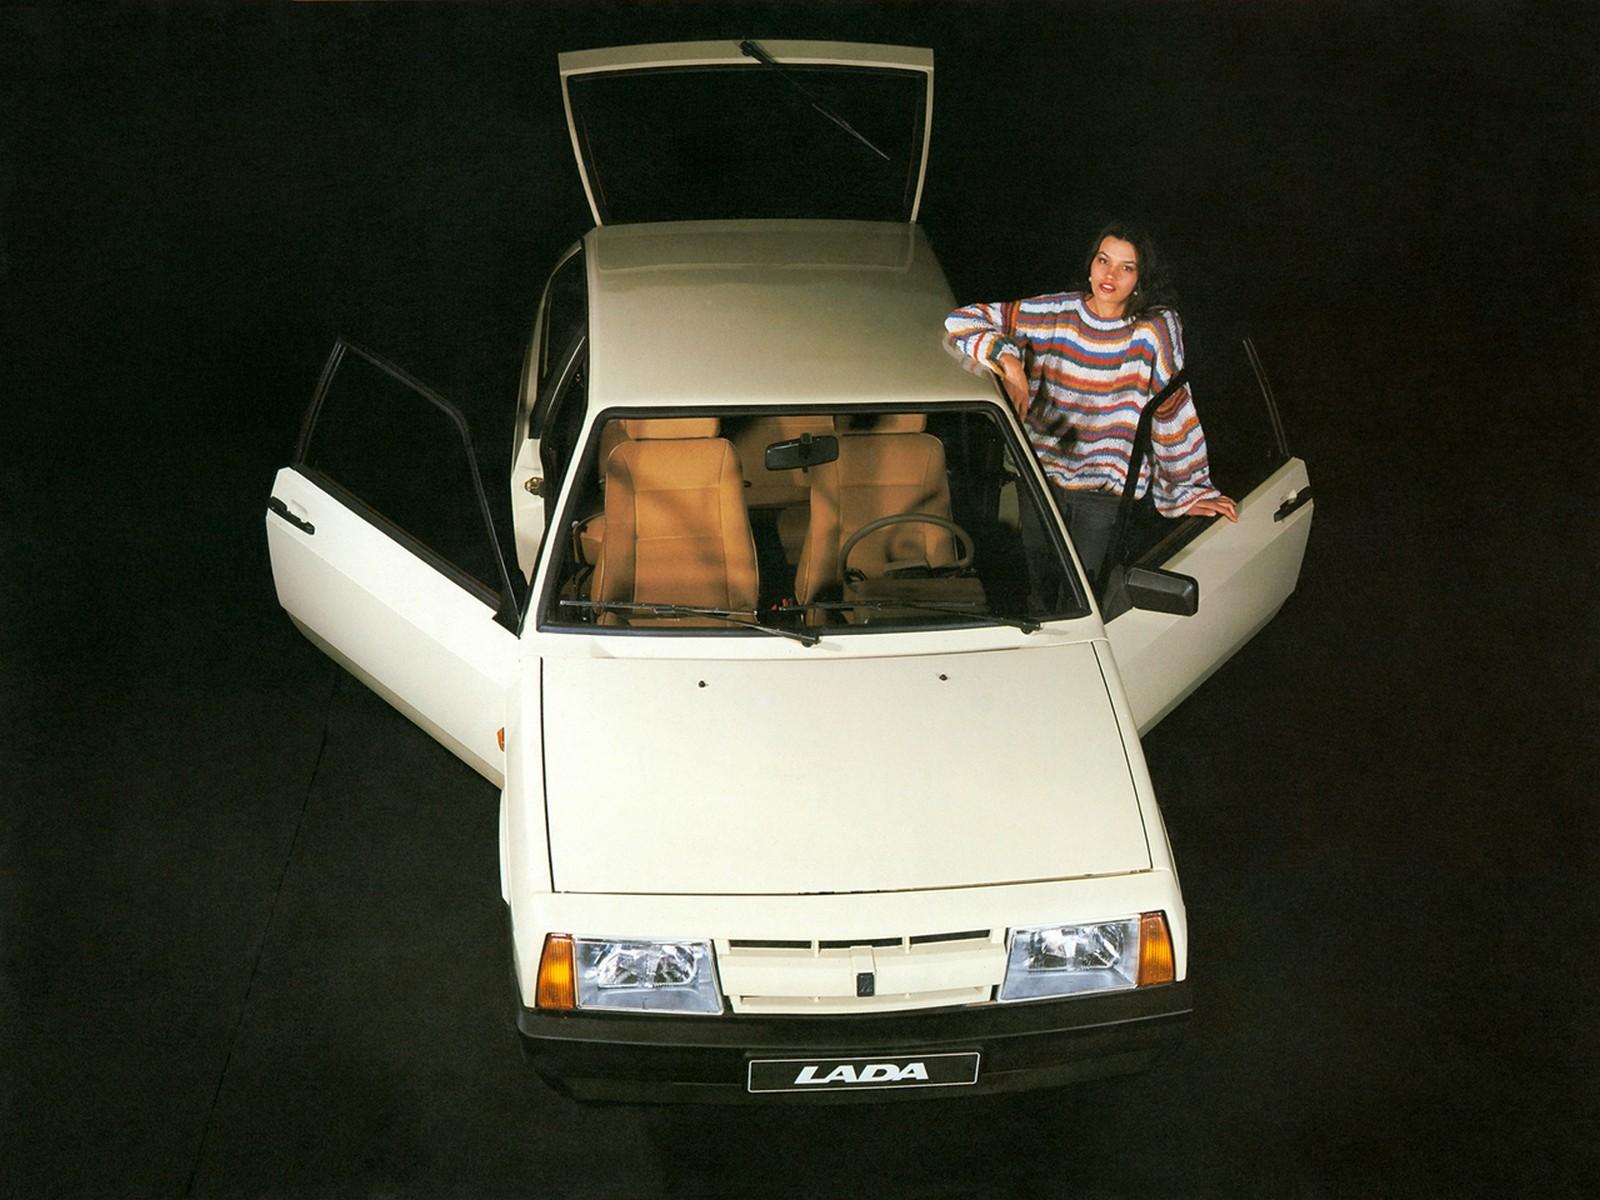 Первые ВАЗ-2108 поступили в автомагазины СССР в самом конце 1984 года